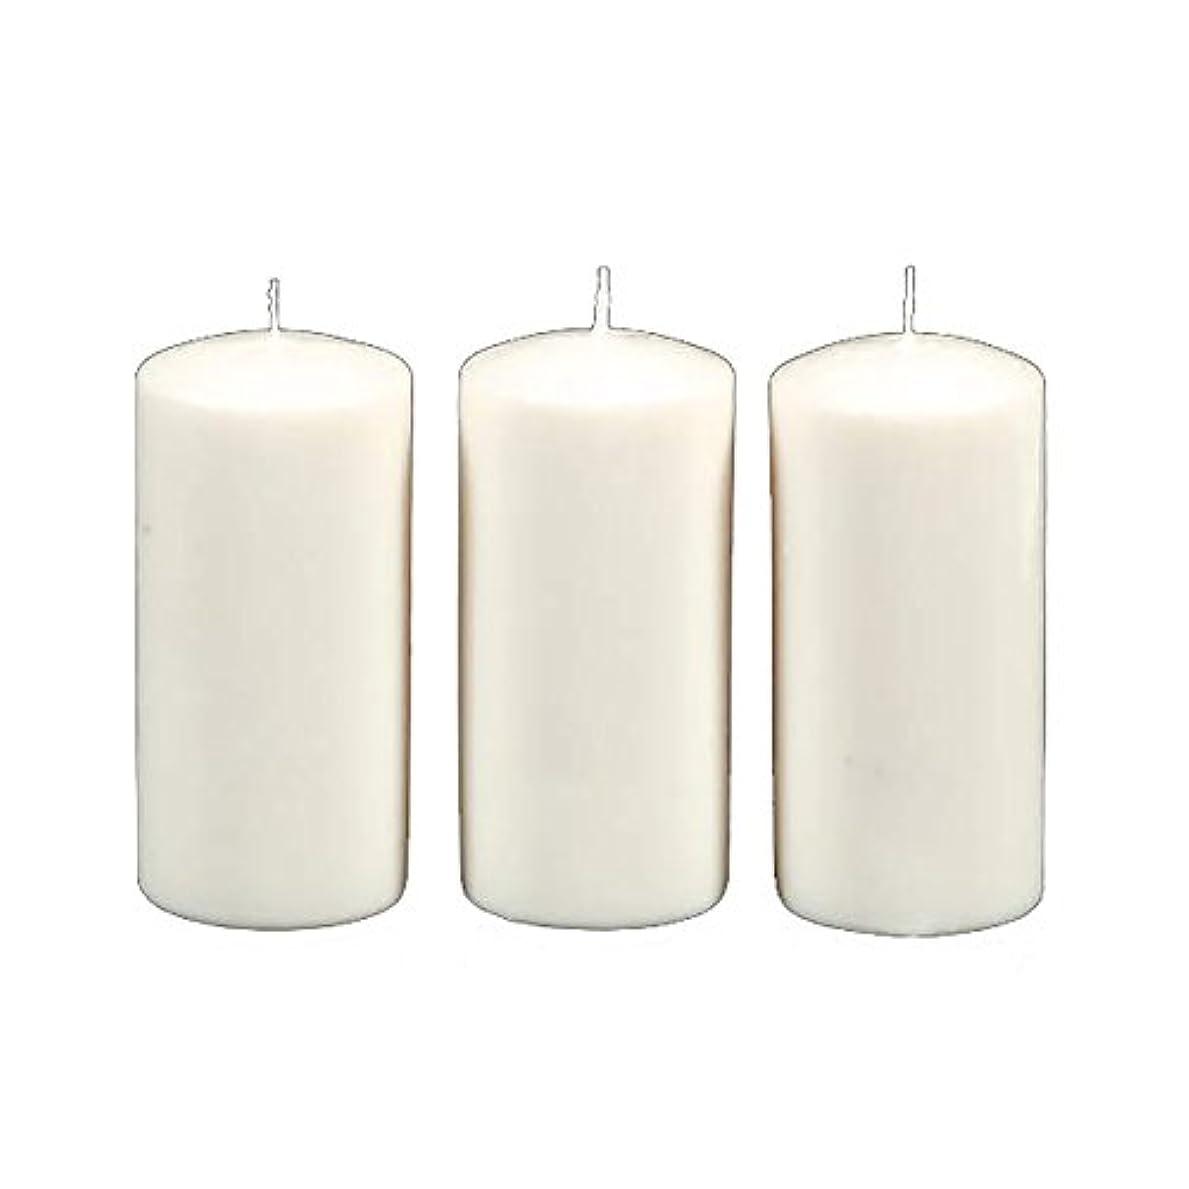 なにしばしばバスルームDarice 3-Piece Unscented Pillar Candles, 3 Inch by 6-Inch, White by Darice